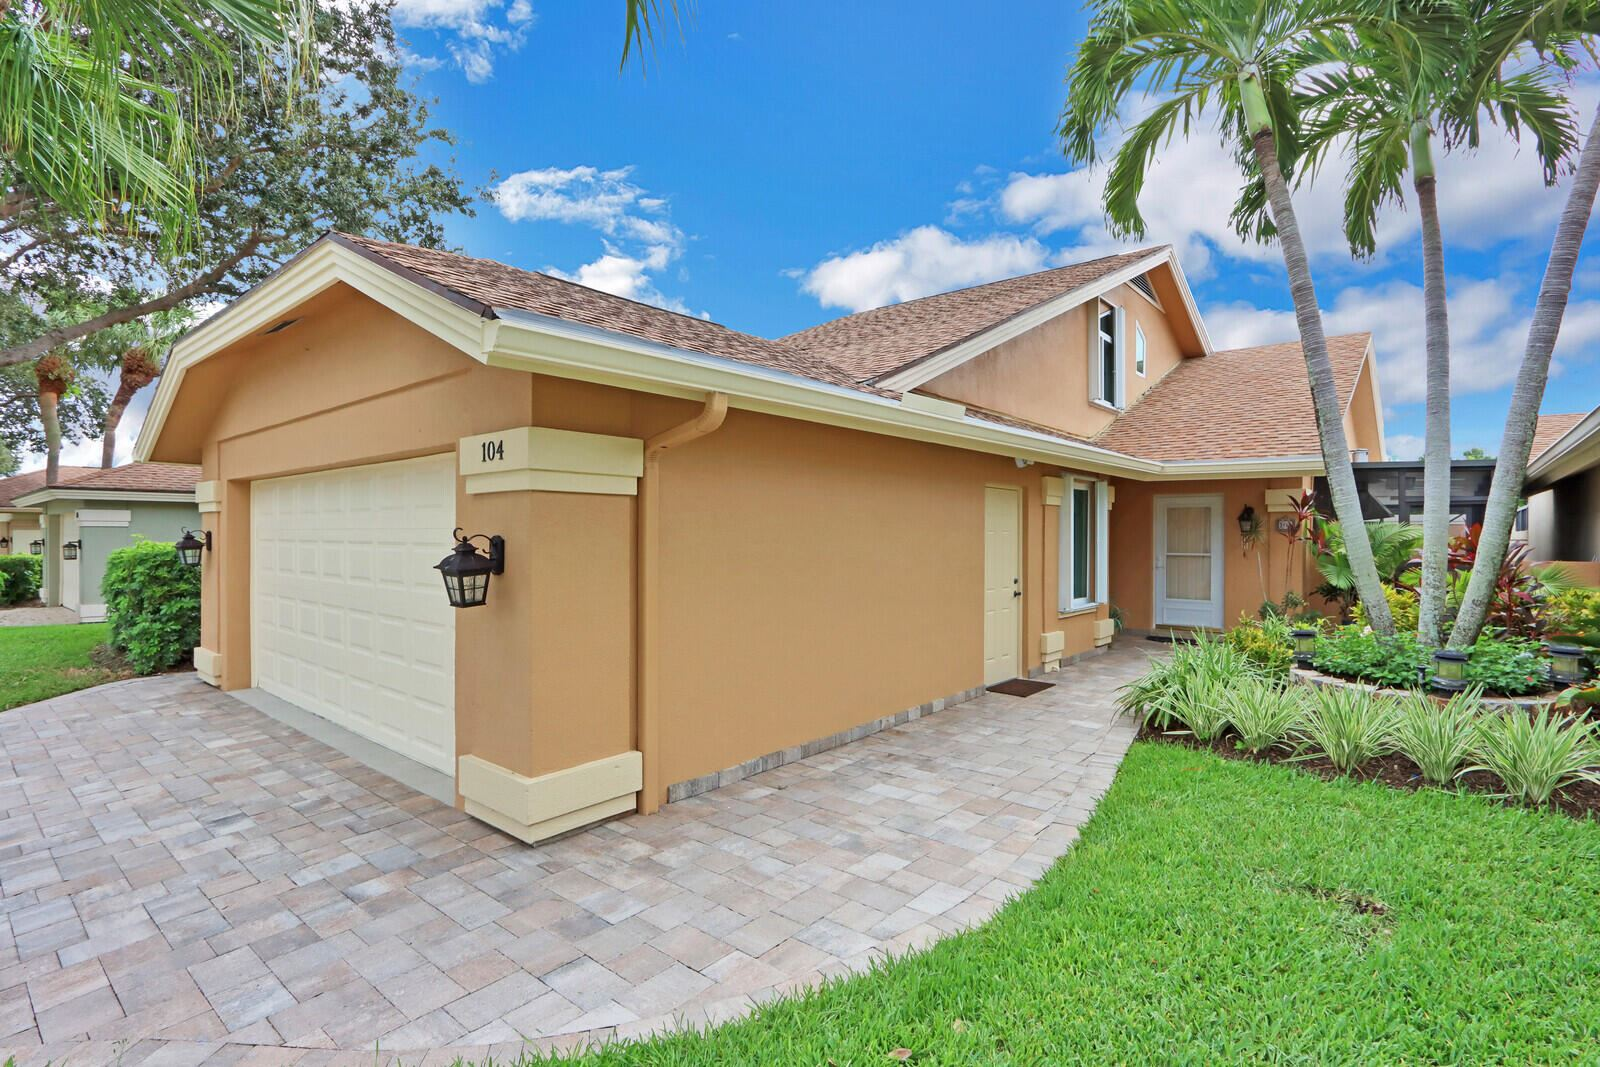 Photo of 104 Ridge Road, Jupiter, FL 33477 (MLS # RX-10747552)